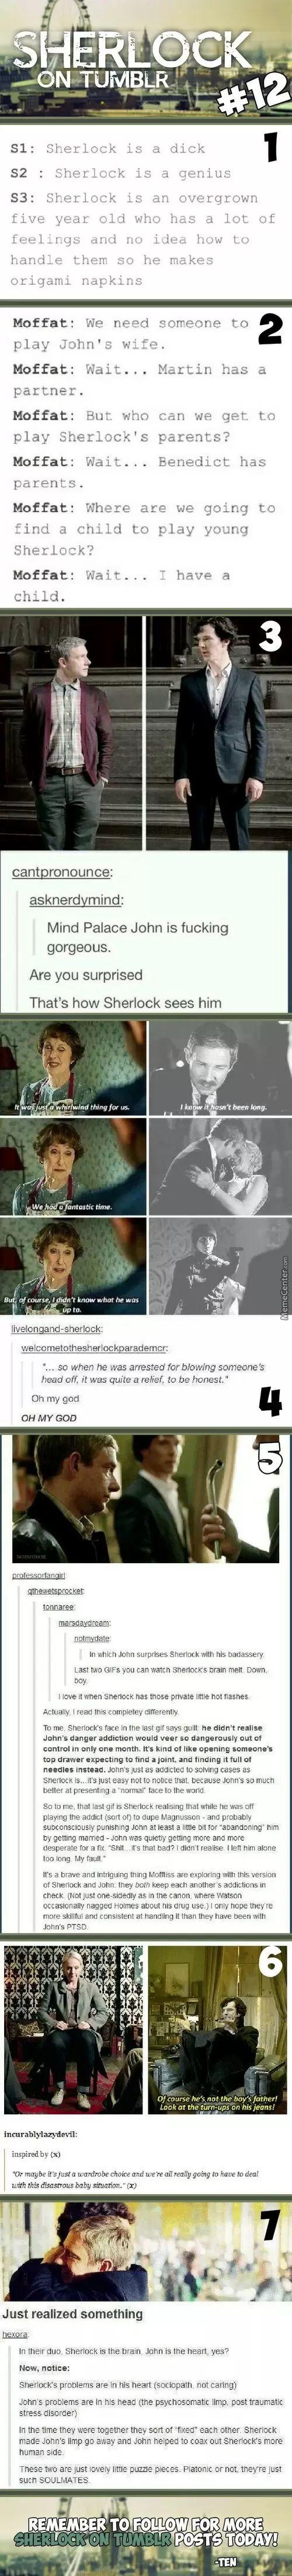 Sherlock On Tumblr #12